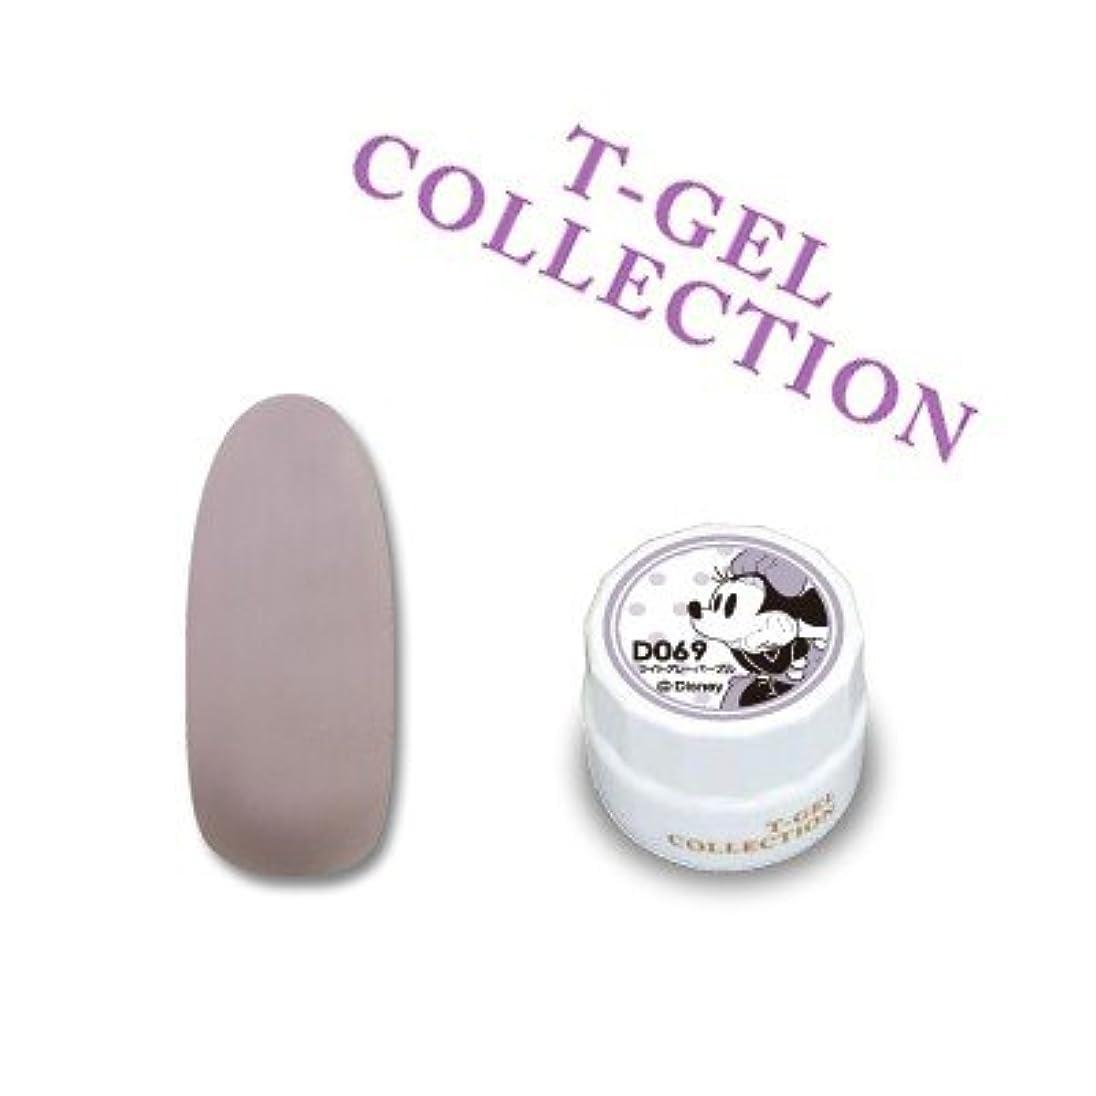 第五消化ストライクジェルネイル カラージェル T-GEL ティージェル COLLECTION カラージェル D069 ライトグレーパープル 4ml